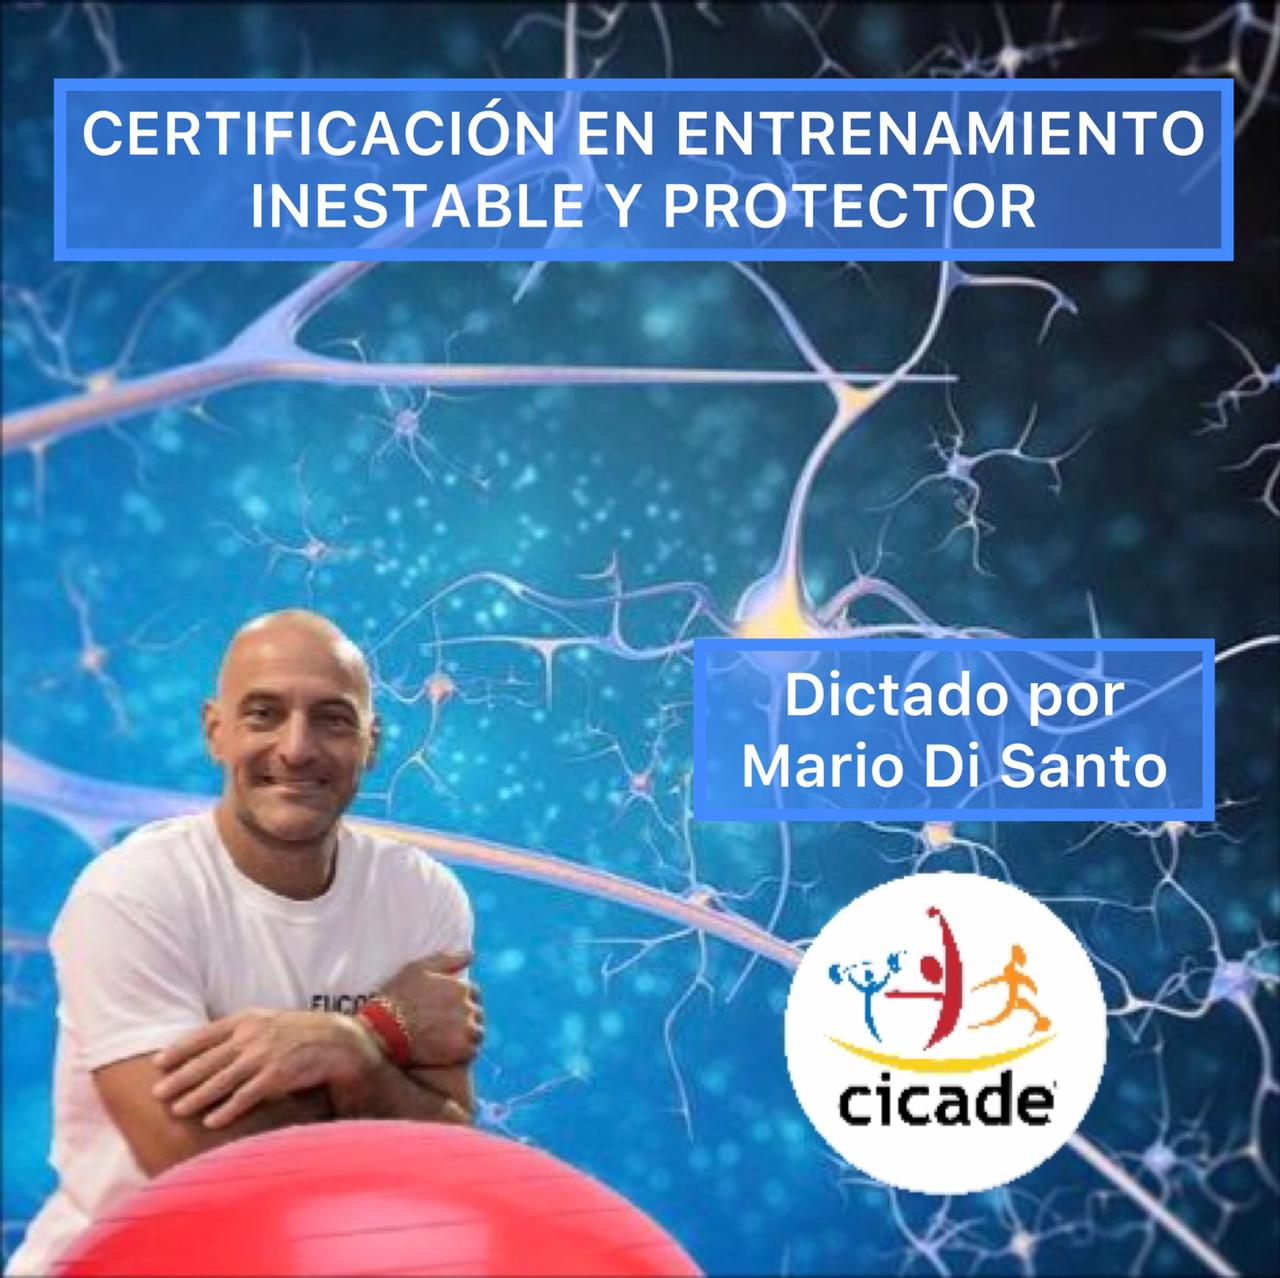 Certificación en Entrenamiento Inestable y Protector